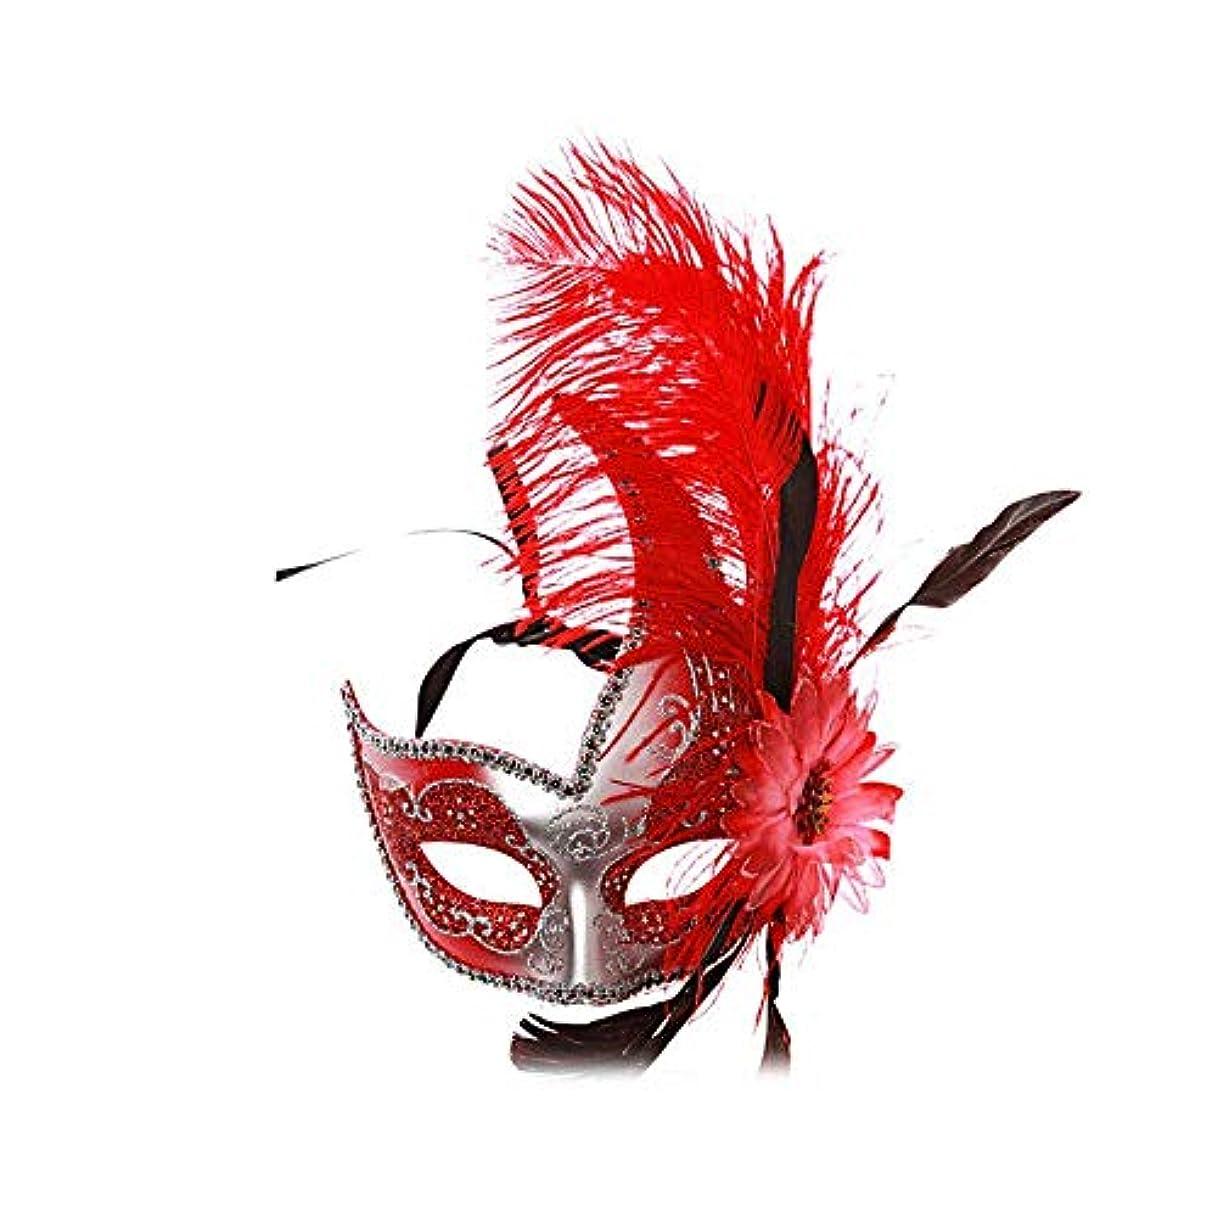 リムトラブルスペクトラムNanle ハロウィンマスクハーフフェザーマスクベニスプリンセスマスク美容レース仮面ライダーコスプレ (色 : Style B red)